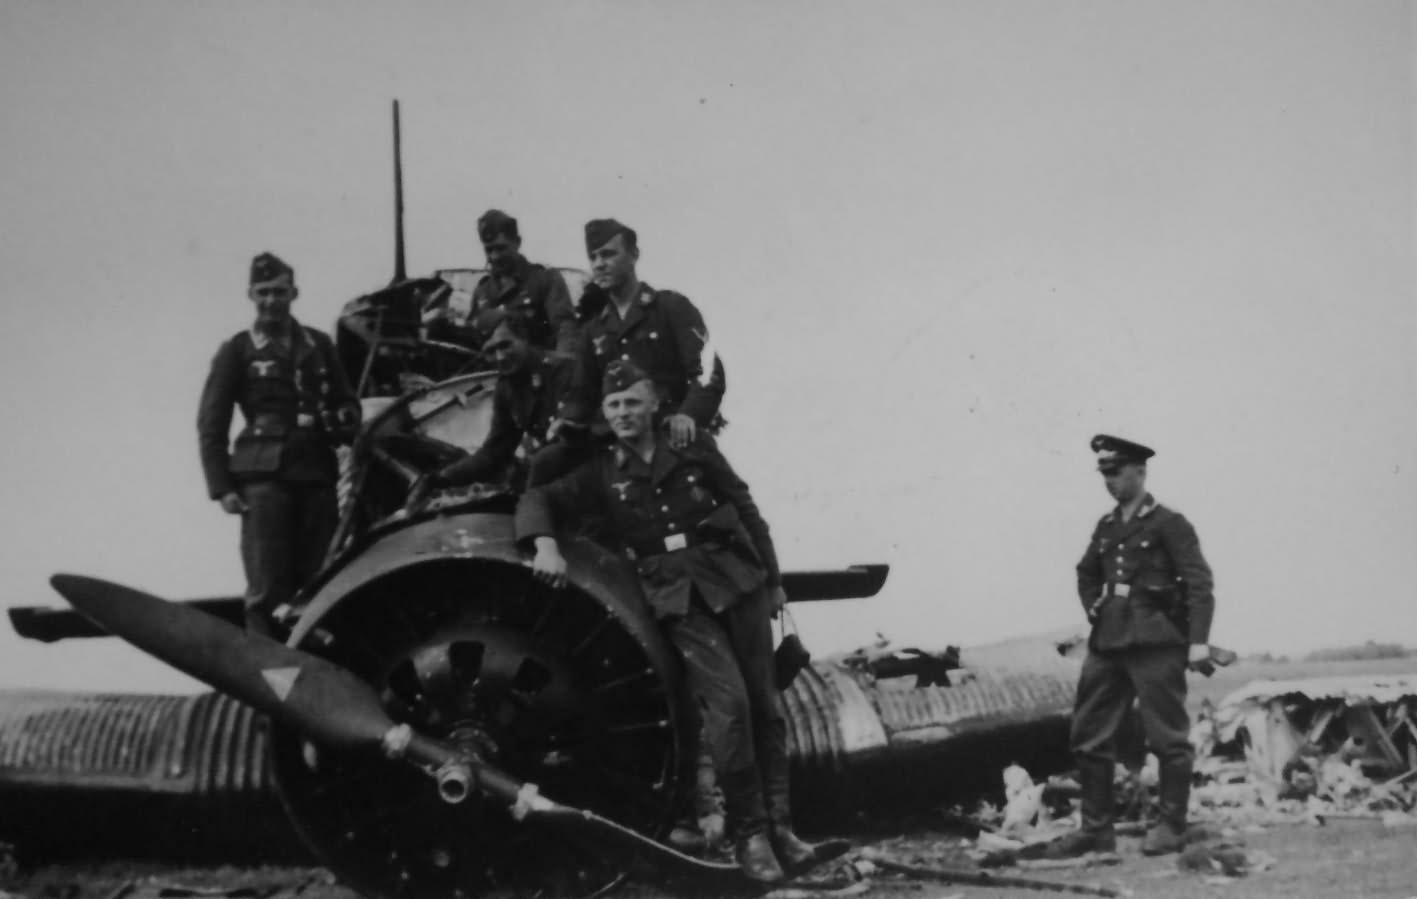 Destroyed Ju 52/3m 23